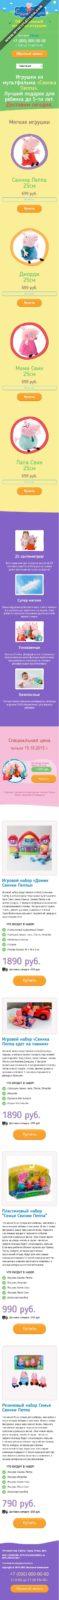 Скриншот лендинга Игрушки «Свинка Пеппа» 001 - моб